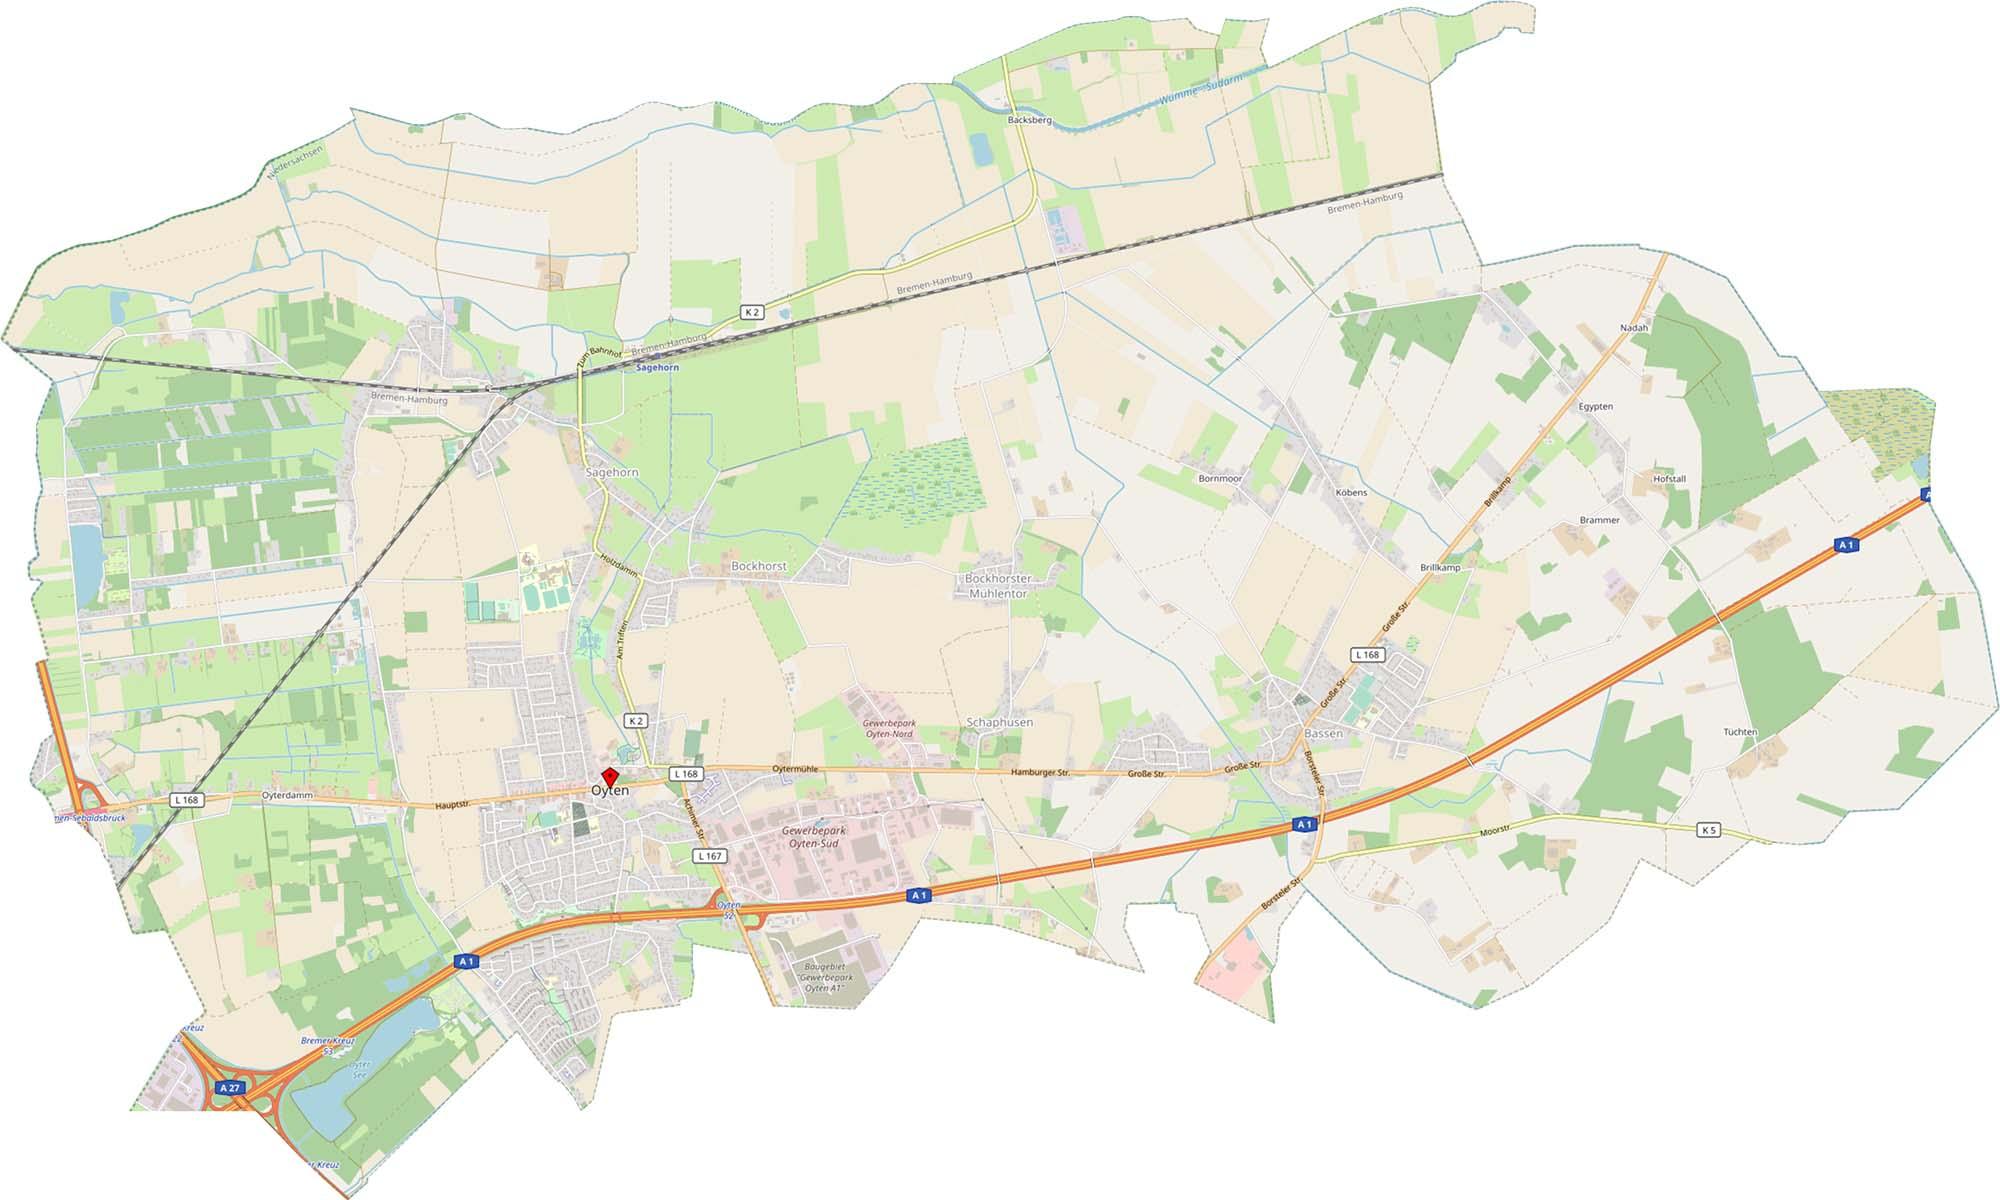 Digitalberatung für Oyten - Karte Oyten